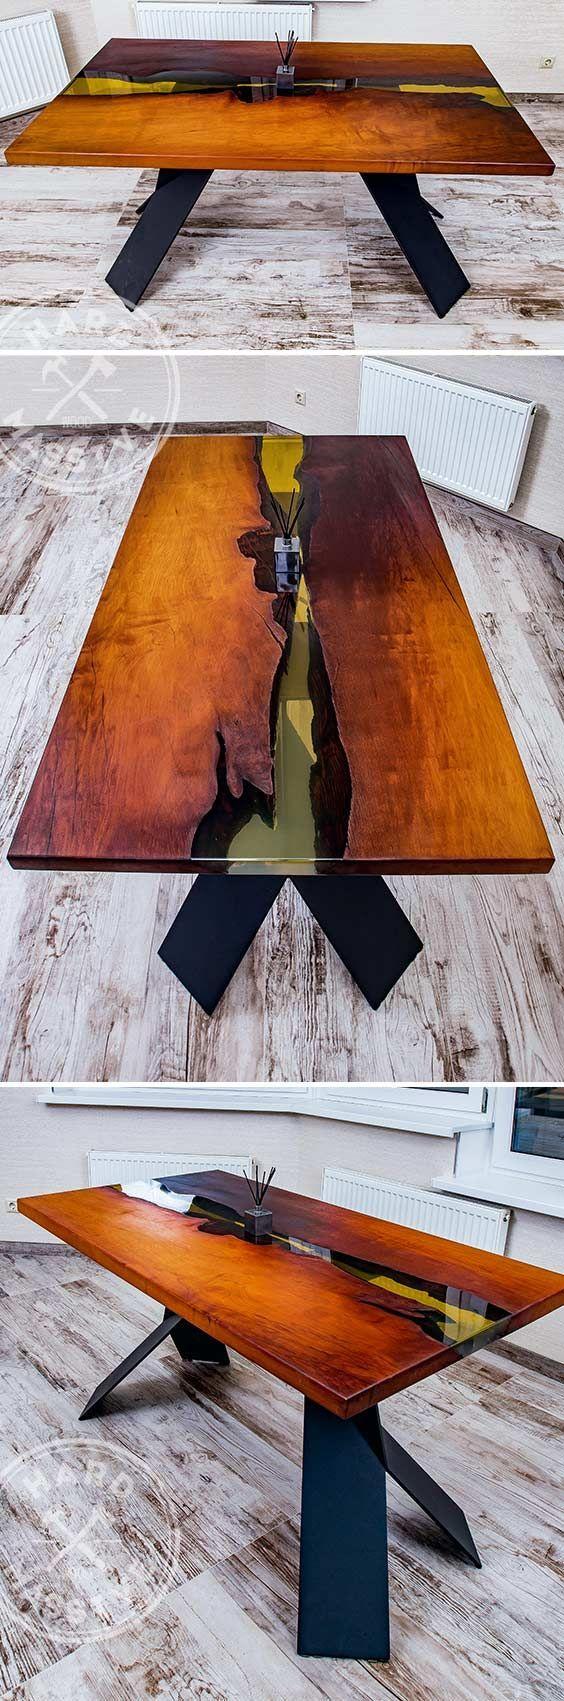 die besten 25 graben ideen auf pinterest trenchcoat style trenchcoat outfit und trenchcoat kleid. Black Bedroom Furniture Sets. Home Design Ideas